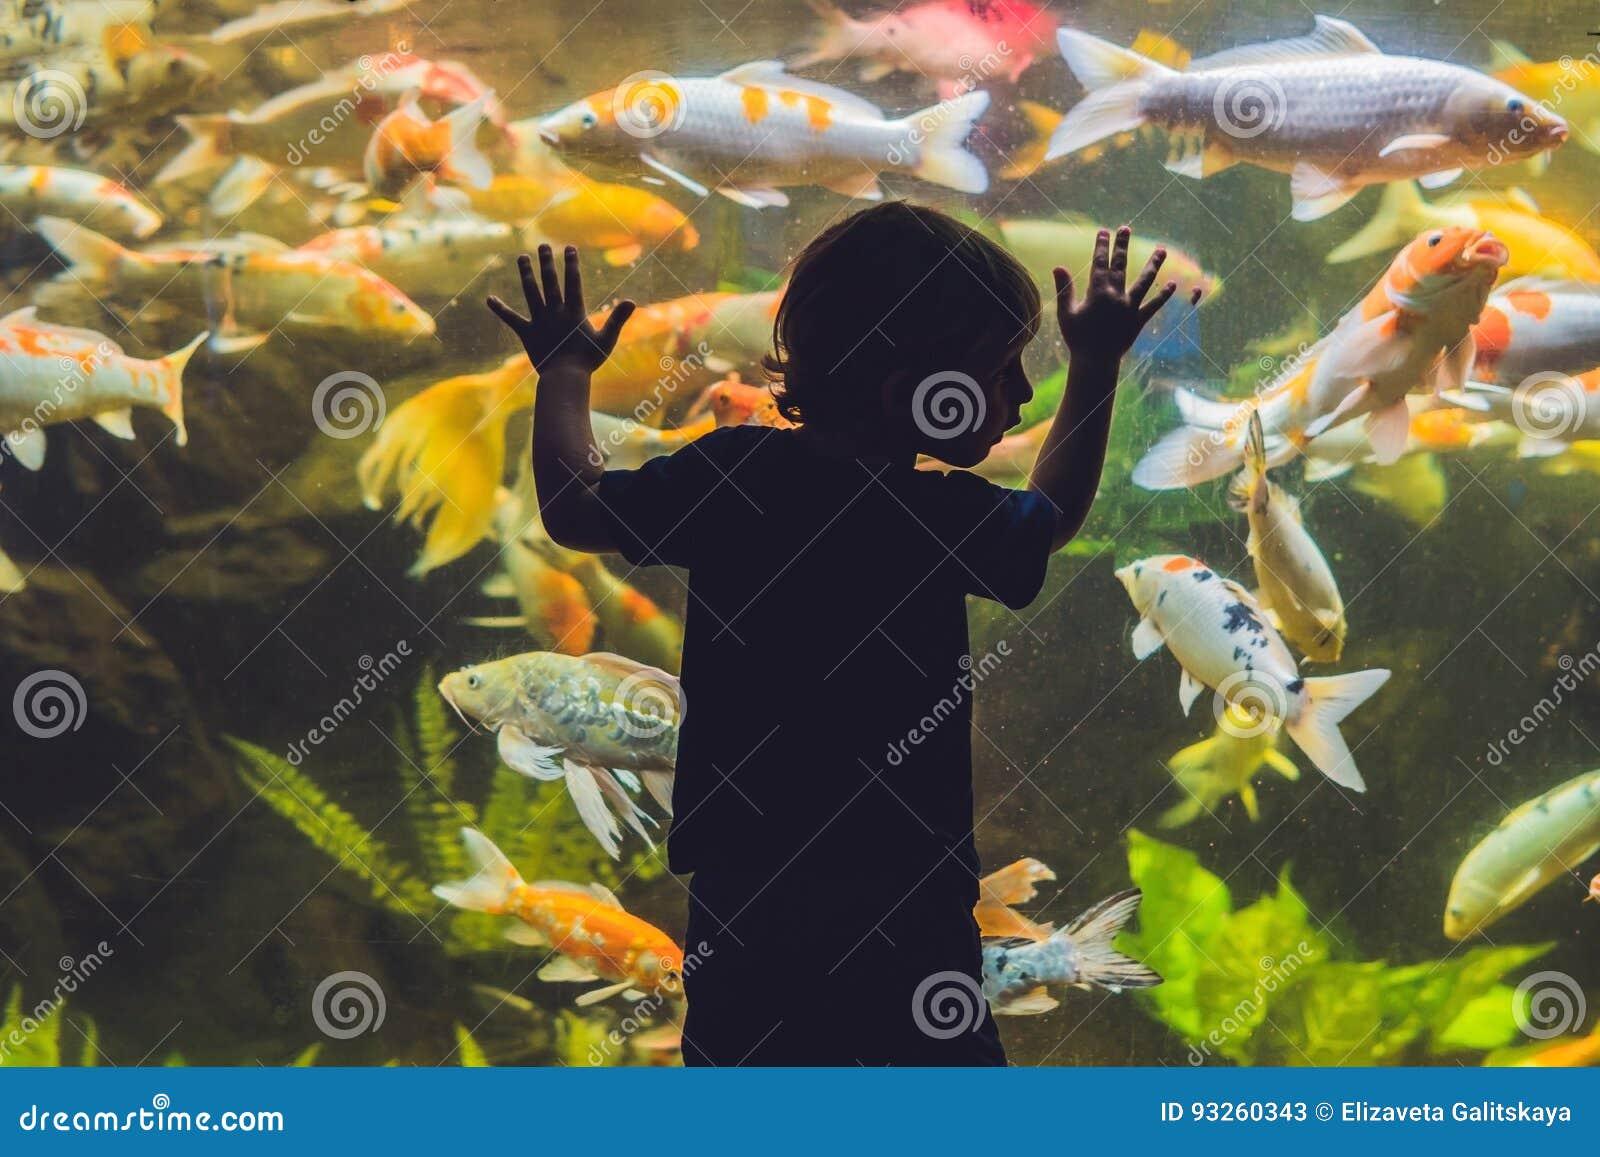 Silhouette d un garçon regardant des poissons dans l aquarium